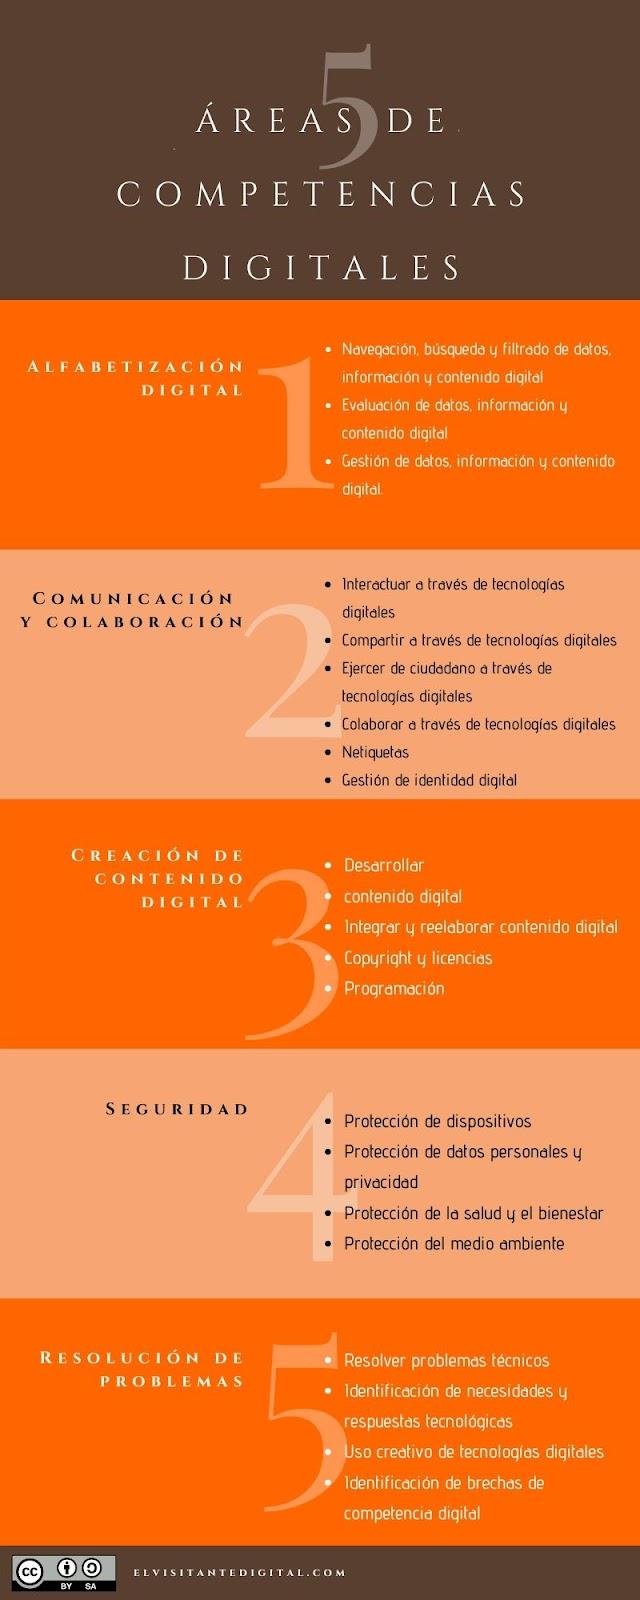 Las 5 áreas de competencias digitales